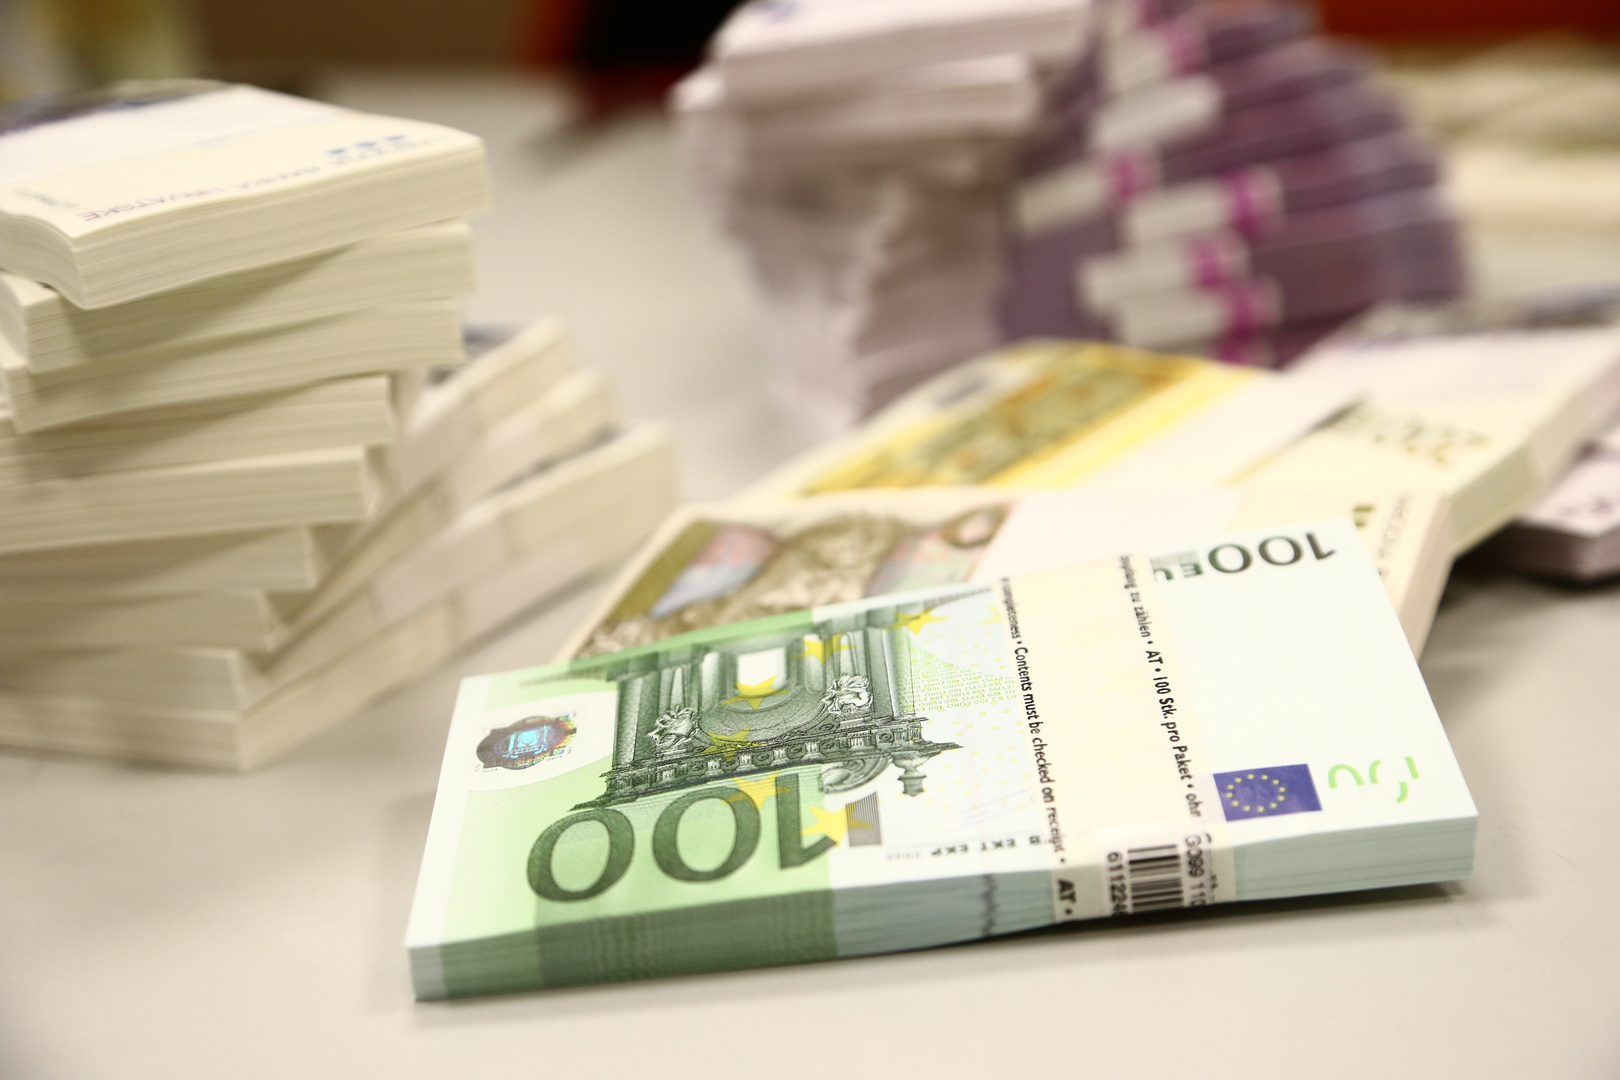 أنشطة مصانع منطقة اليورو تعاود النمو